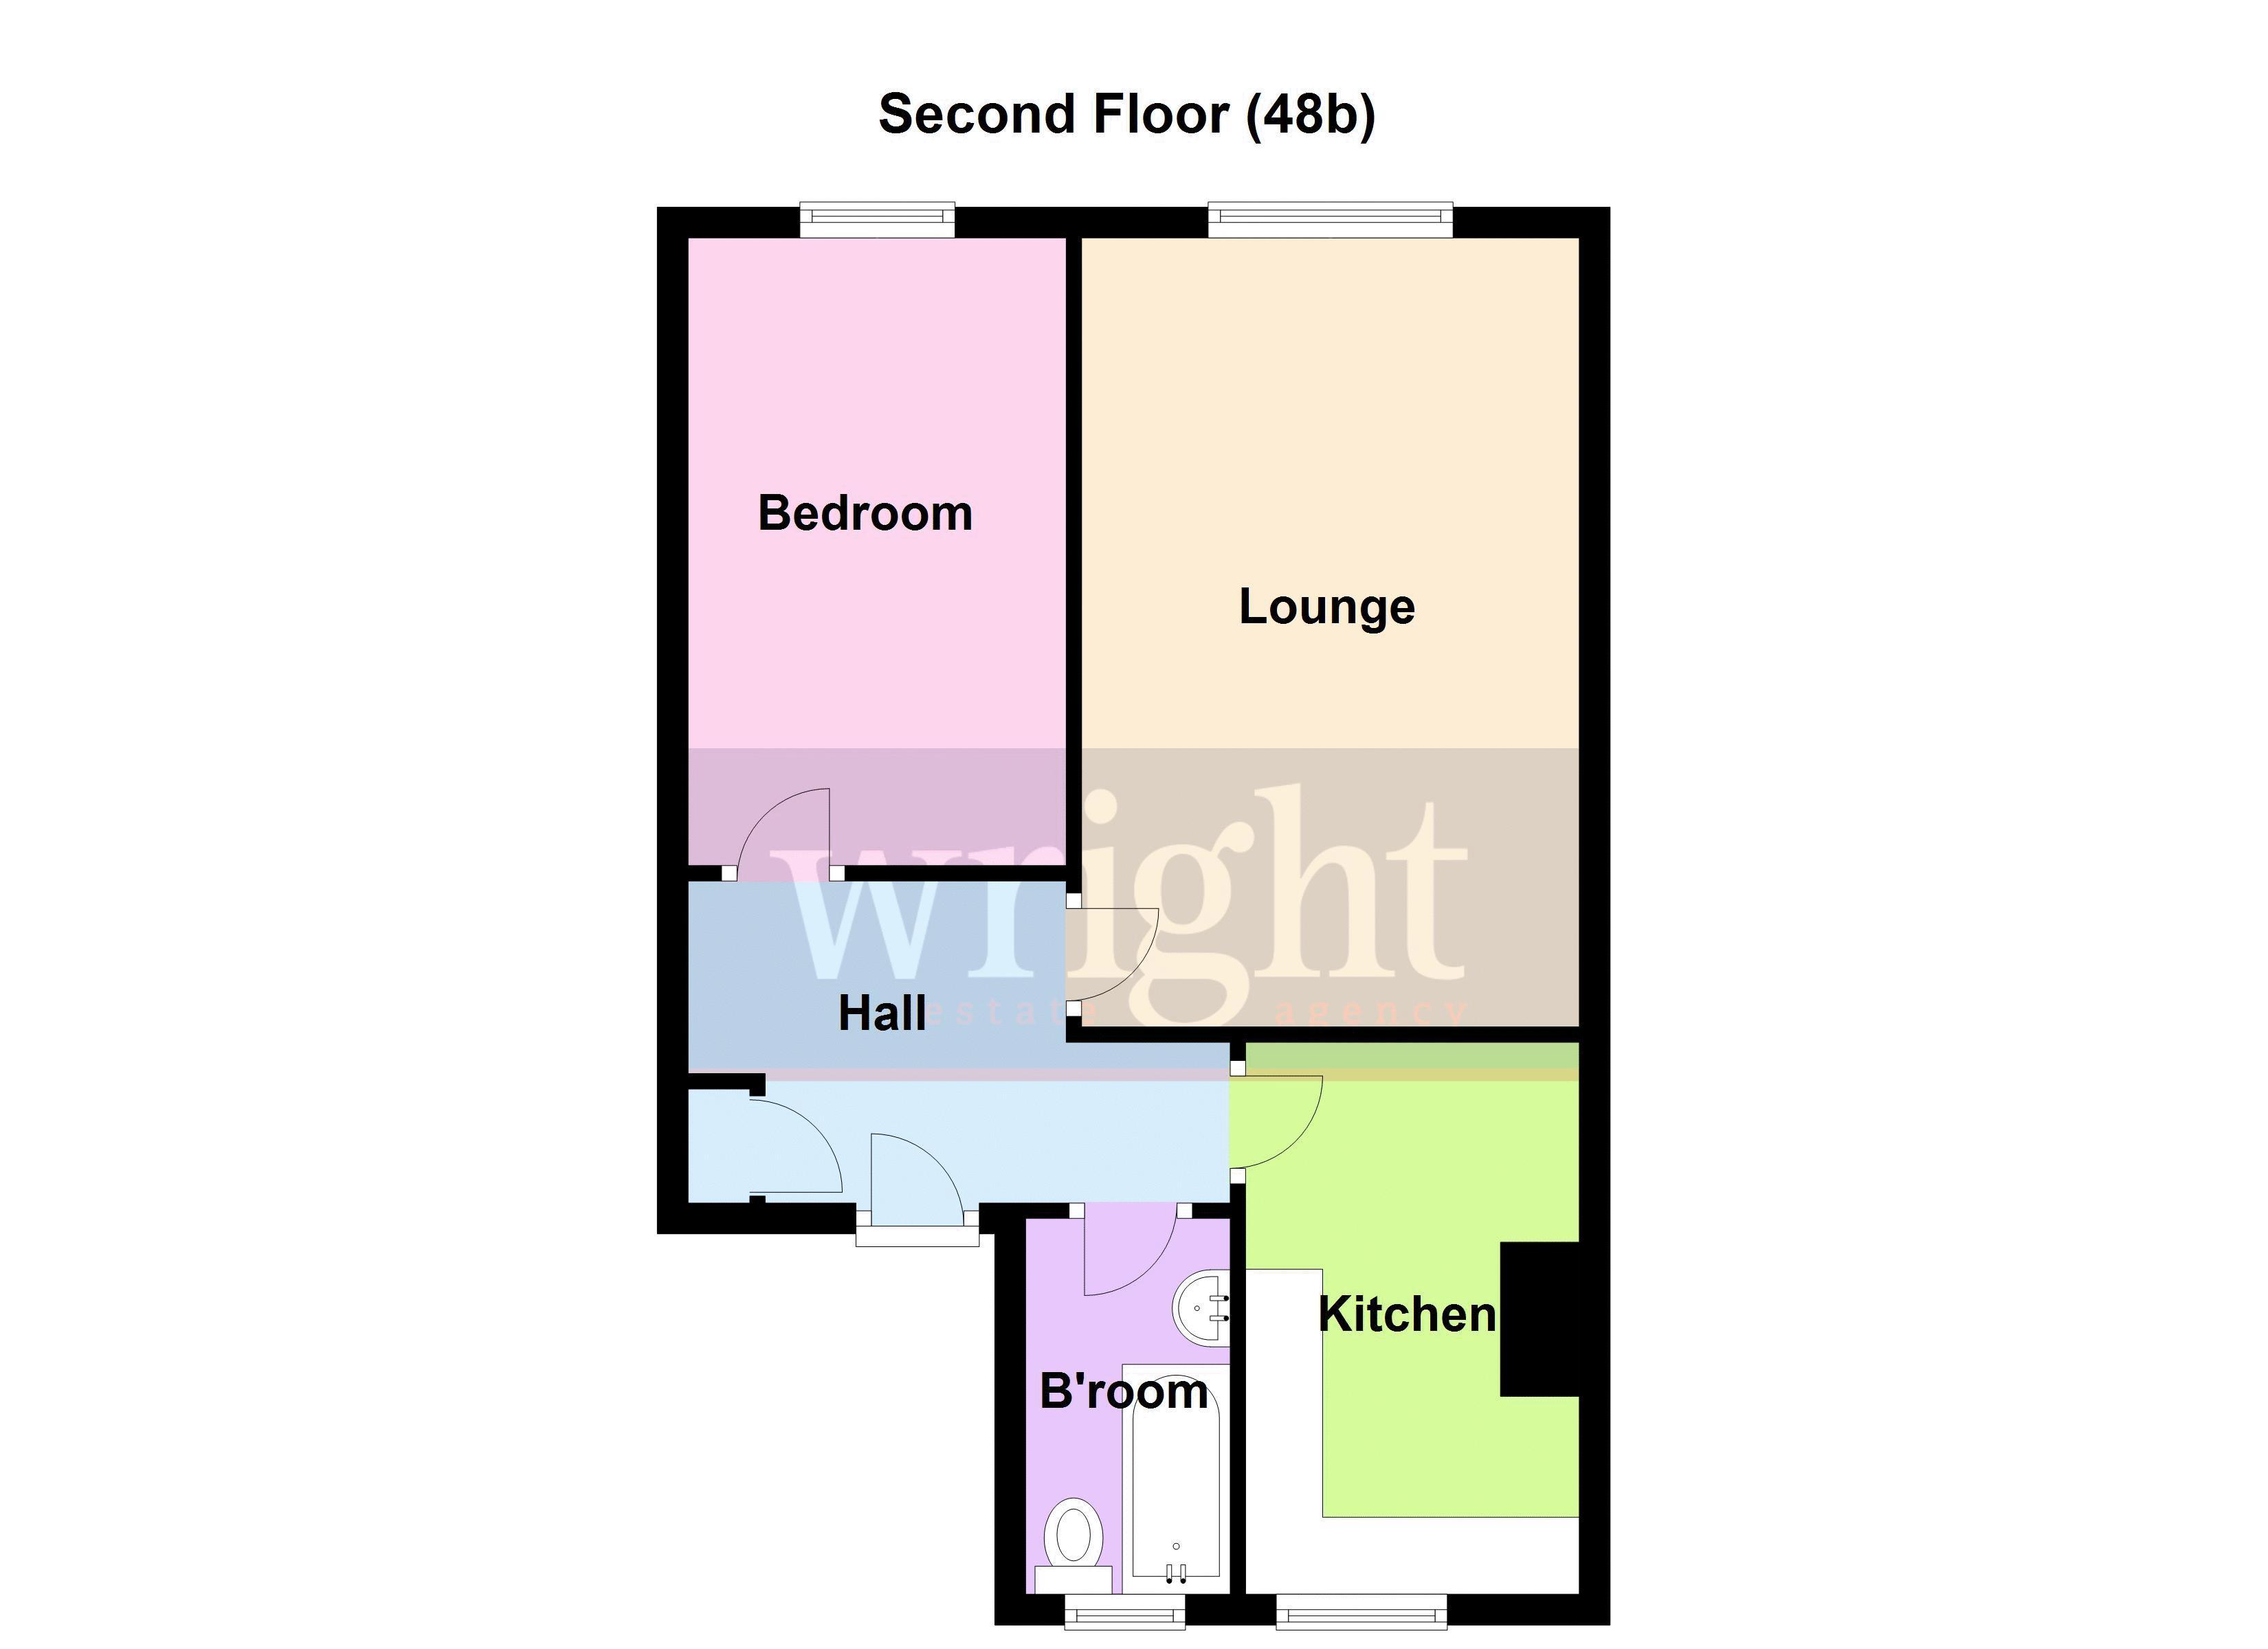 Second Floor (48b)